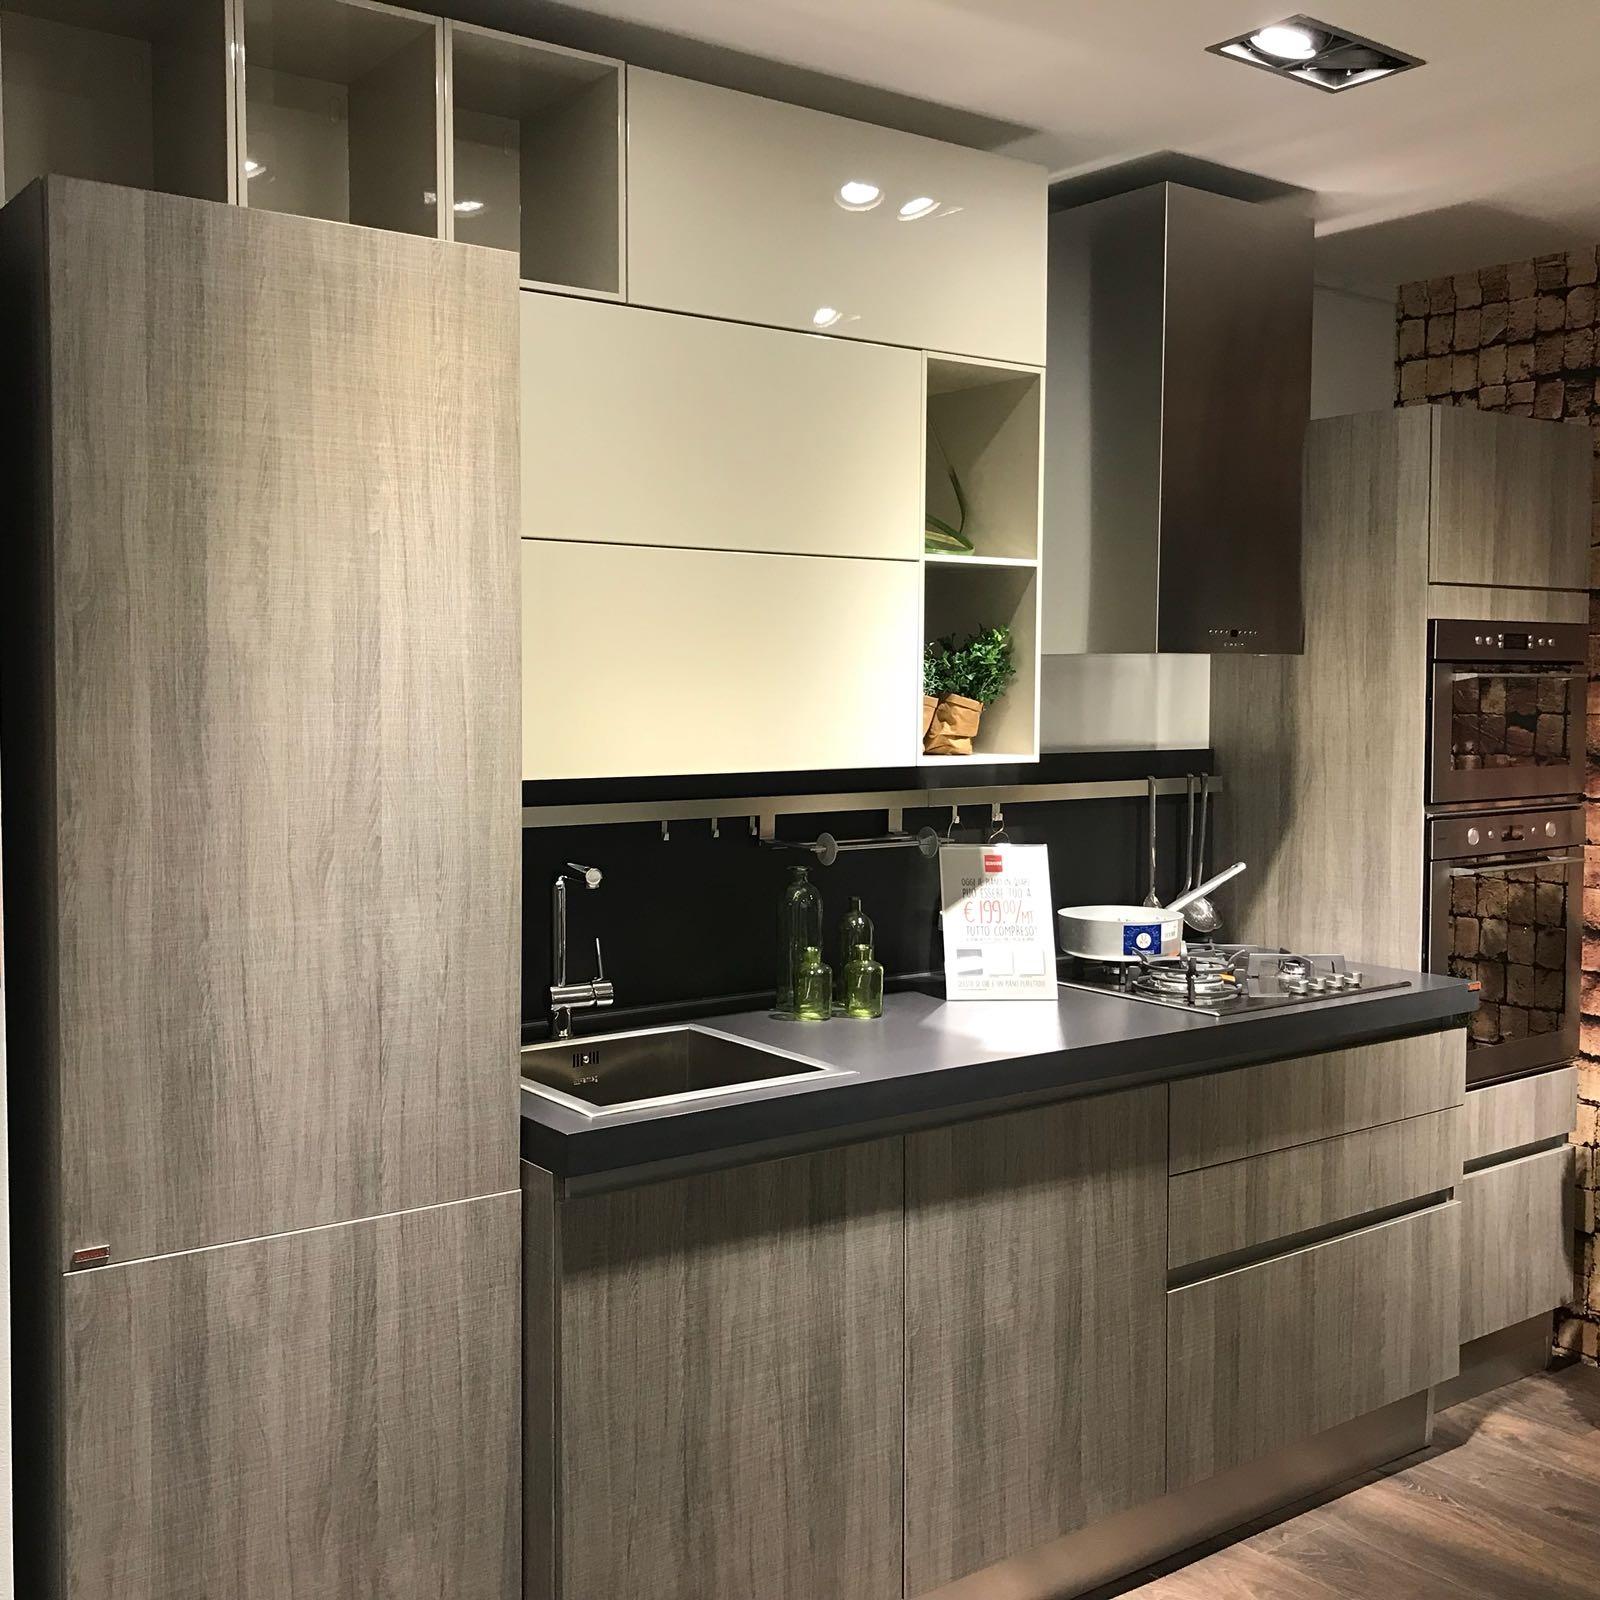 Cucine Scavolini Udine : Cucina lineare lavello sottofinestra i miscelatori